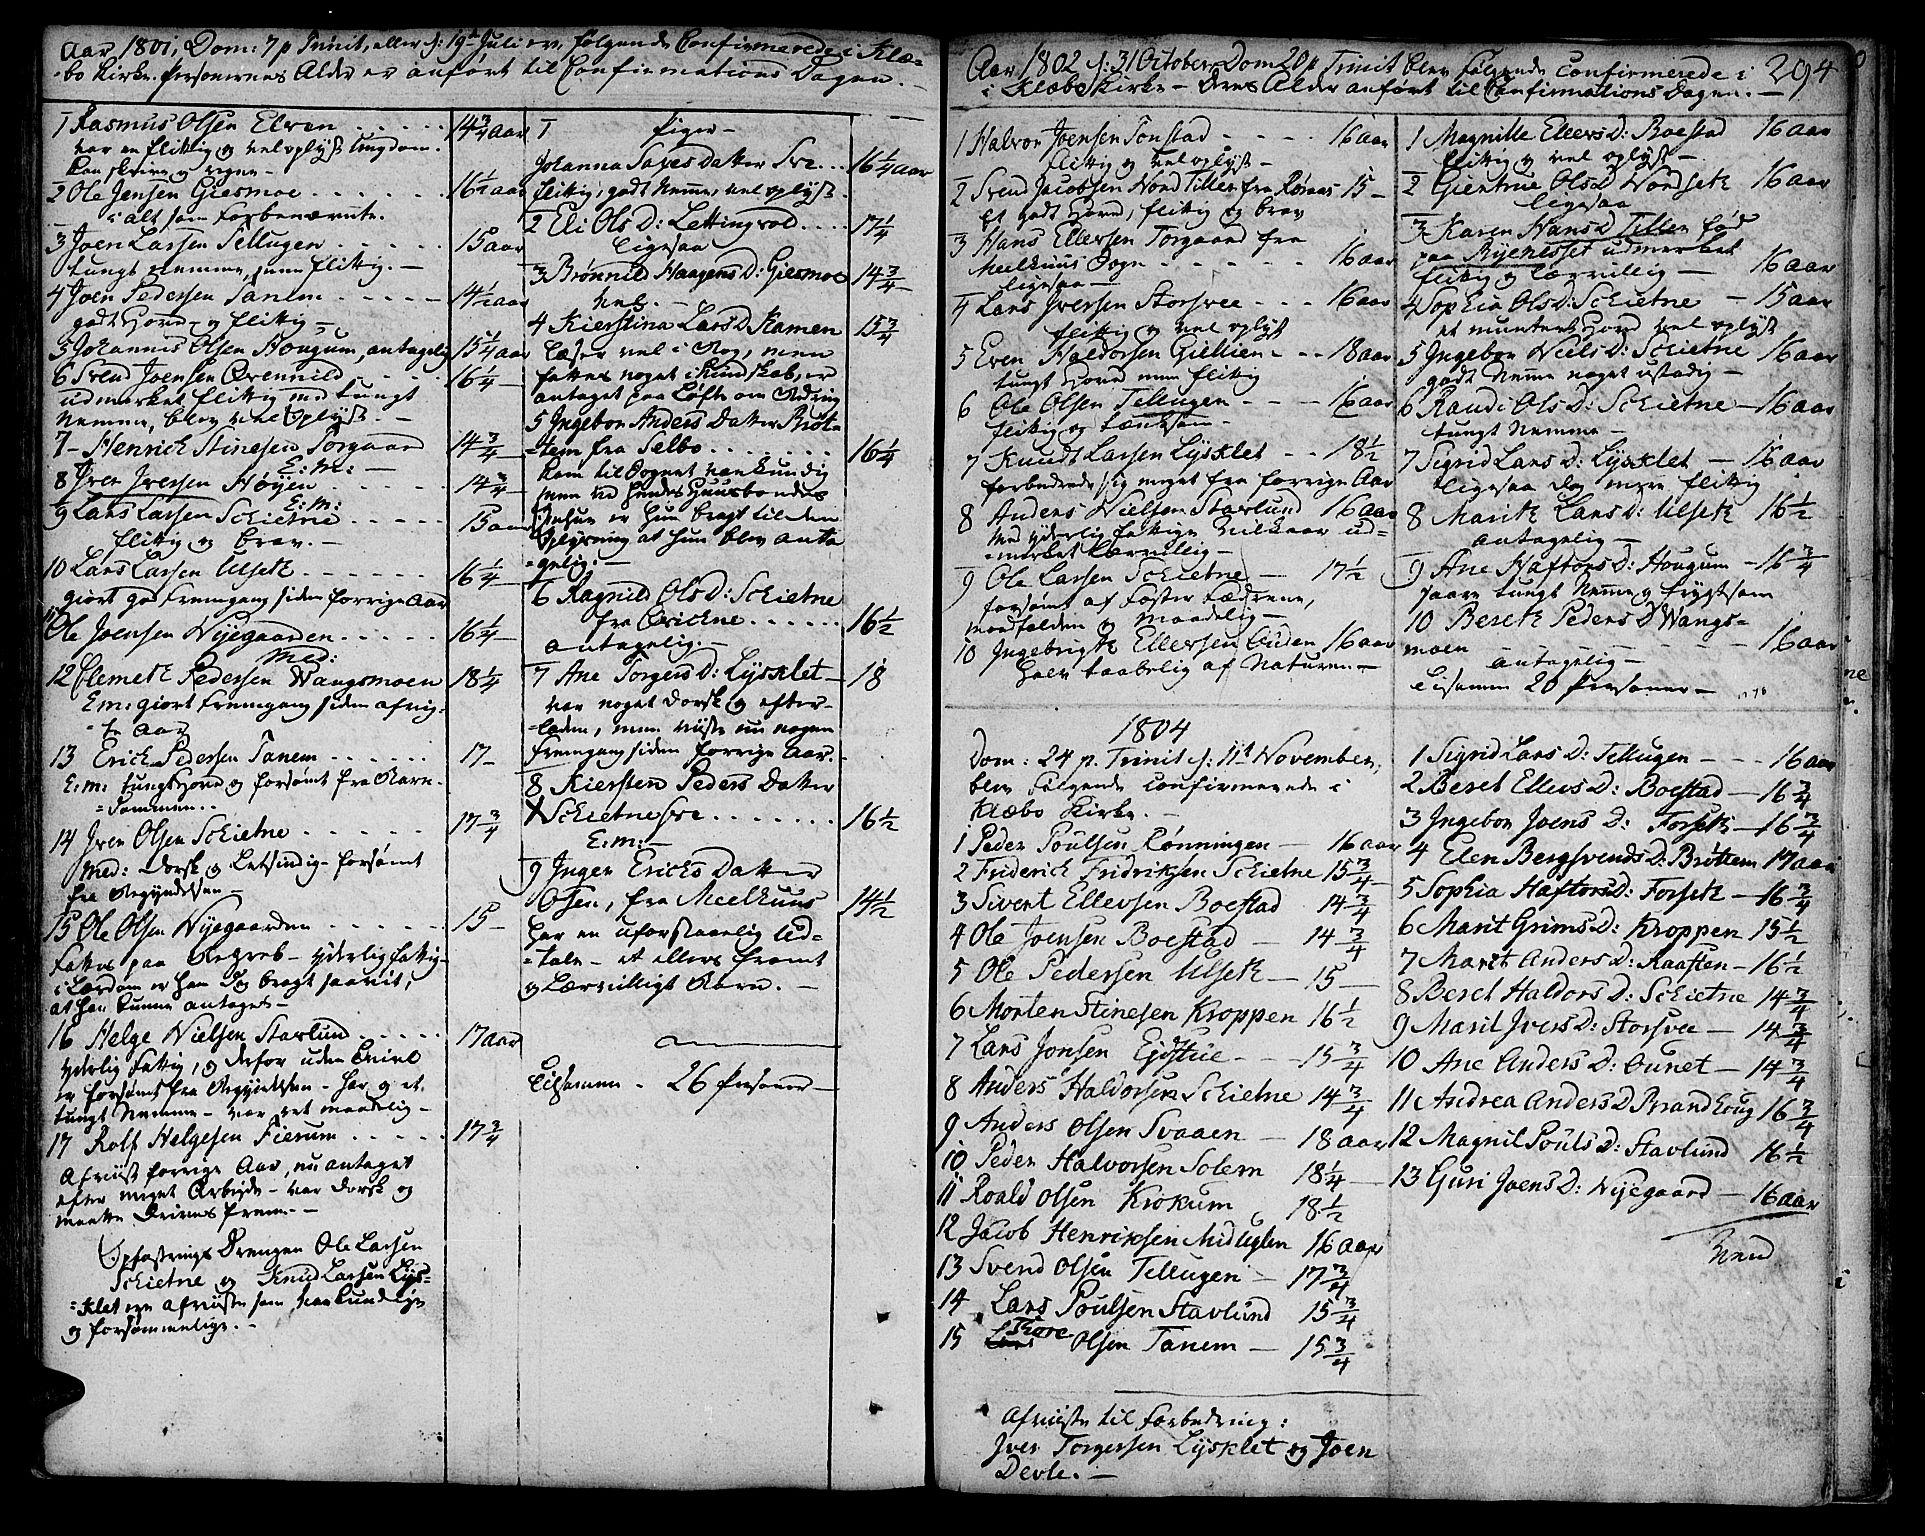 SAT, Ministerialprotokoller, klokkerbøker og fødselsregistre - Sør-Trøndelag, 618/L0438: Ministerialbok nr. 618A03, 1783-1815, s. 294